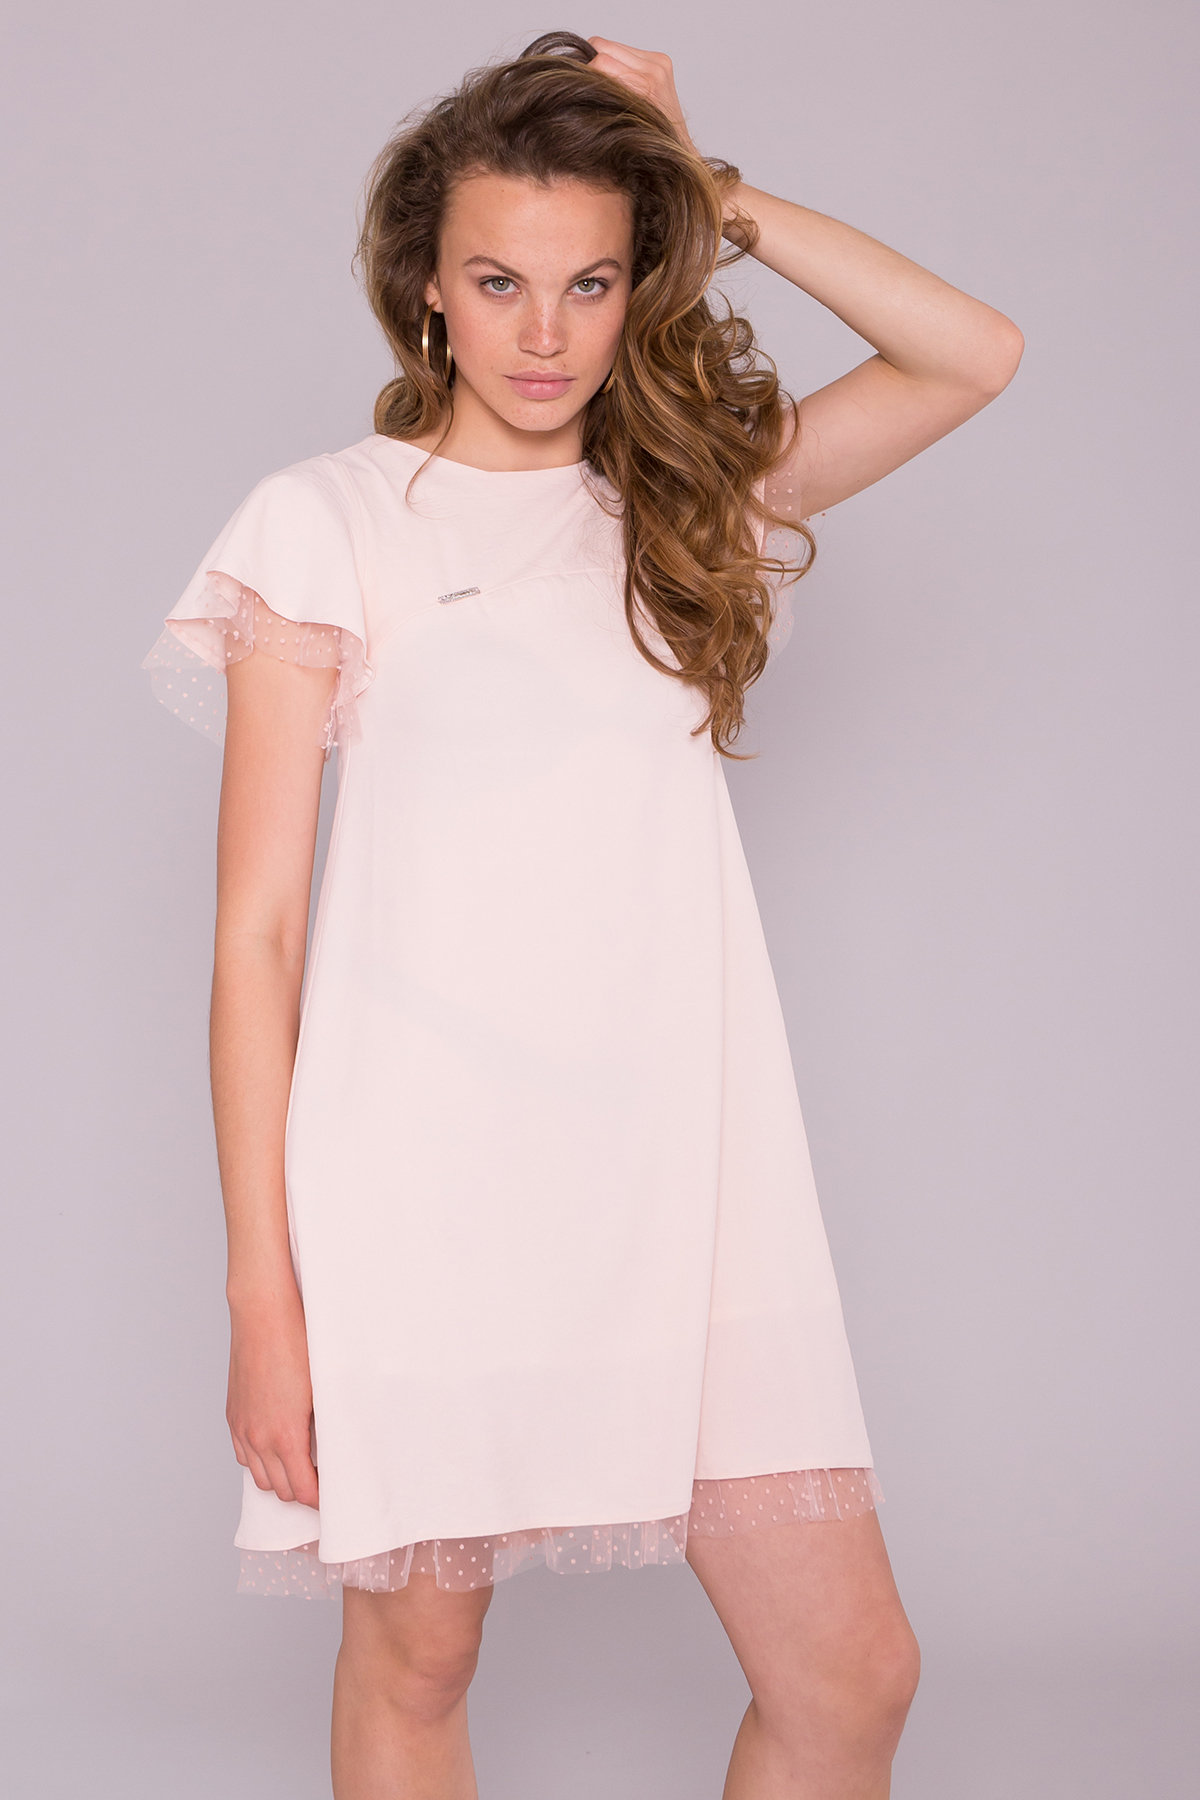 Платье Романтик 7154 АРТ. 42562 Цвет: Пудра 3 - фото 3, интернет магазин tm-modus.ru